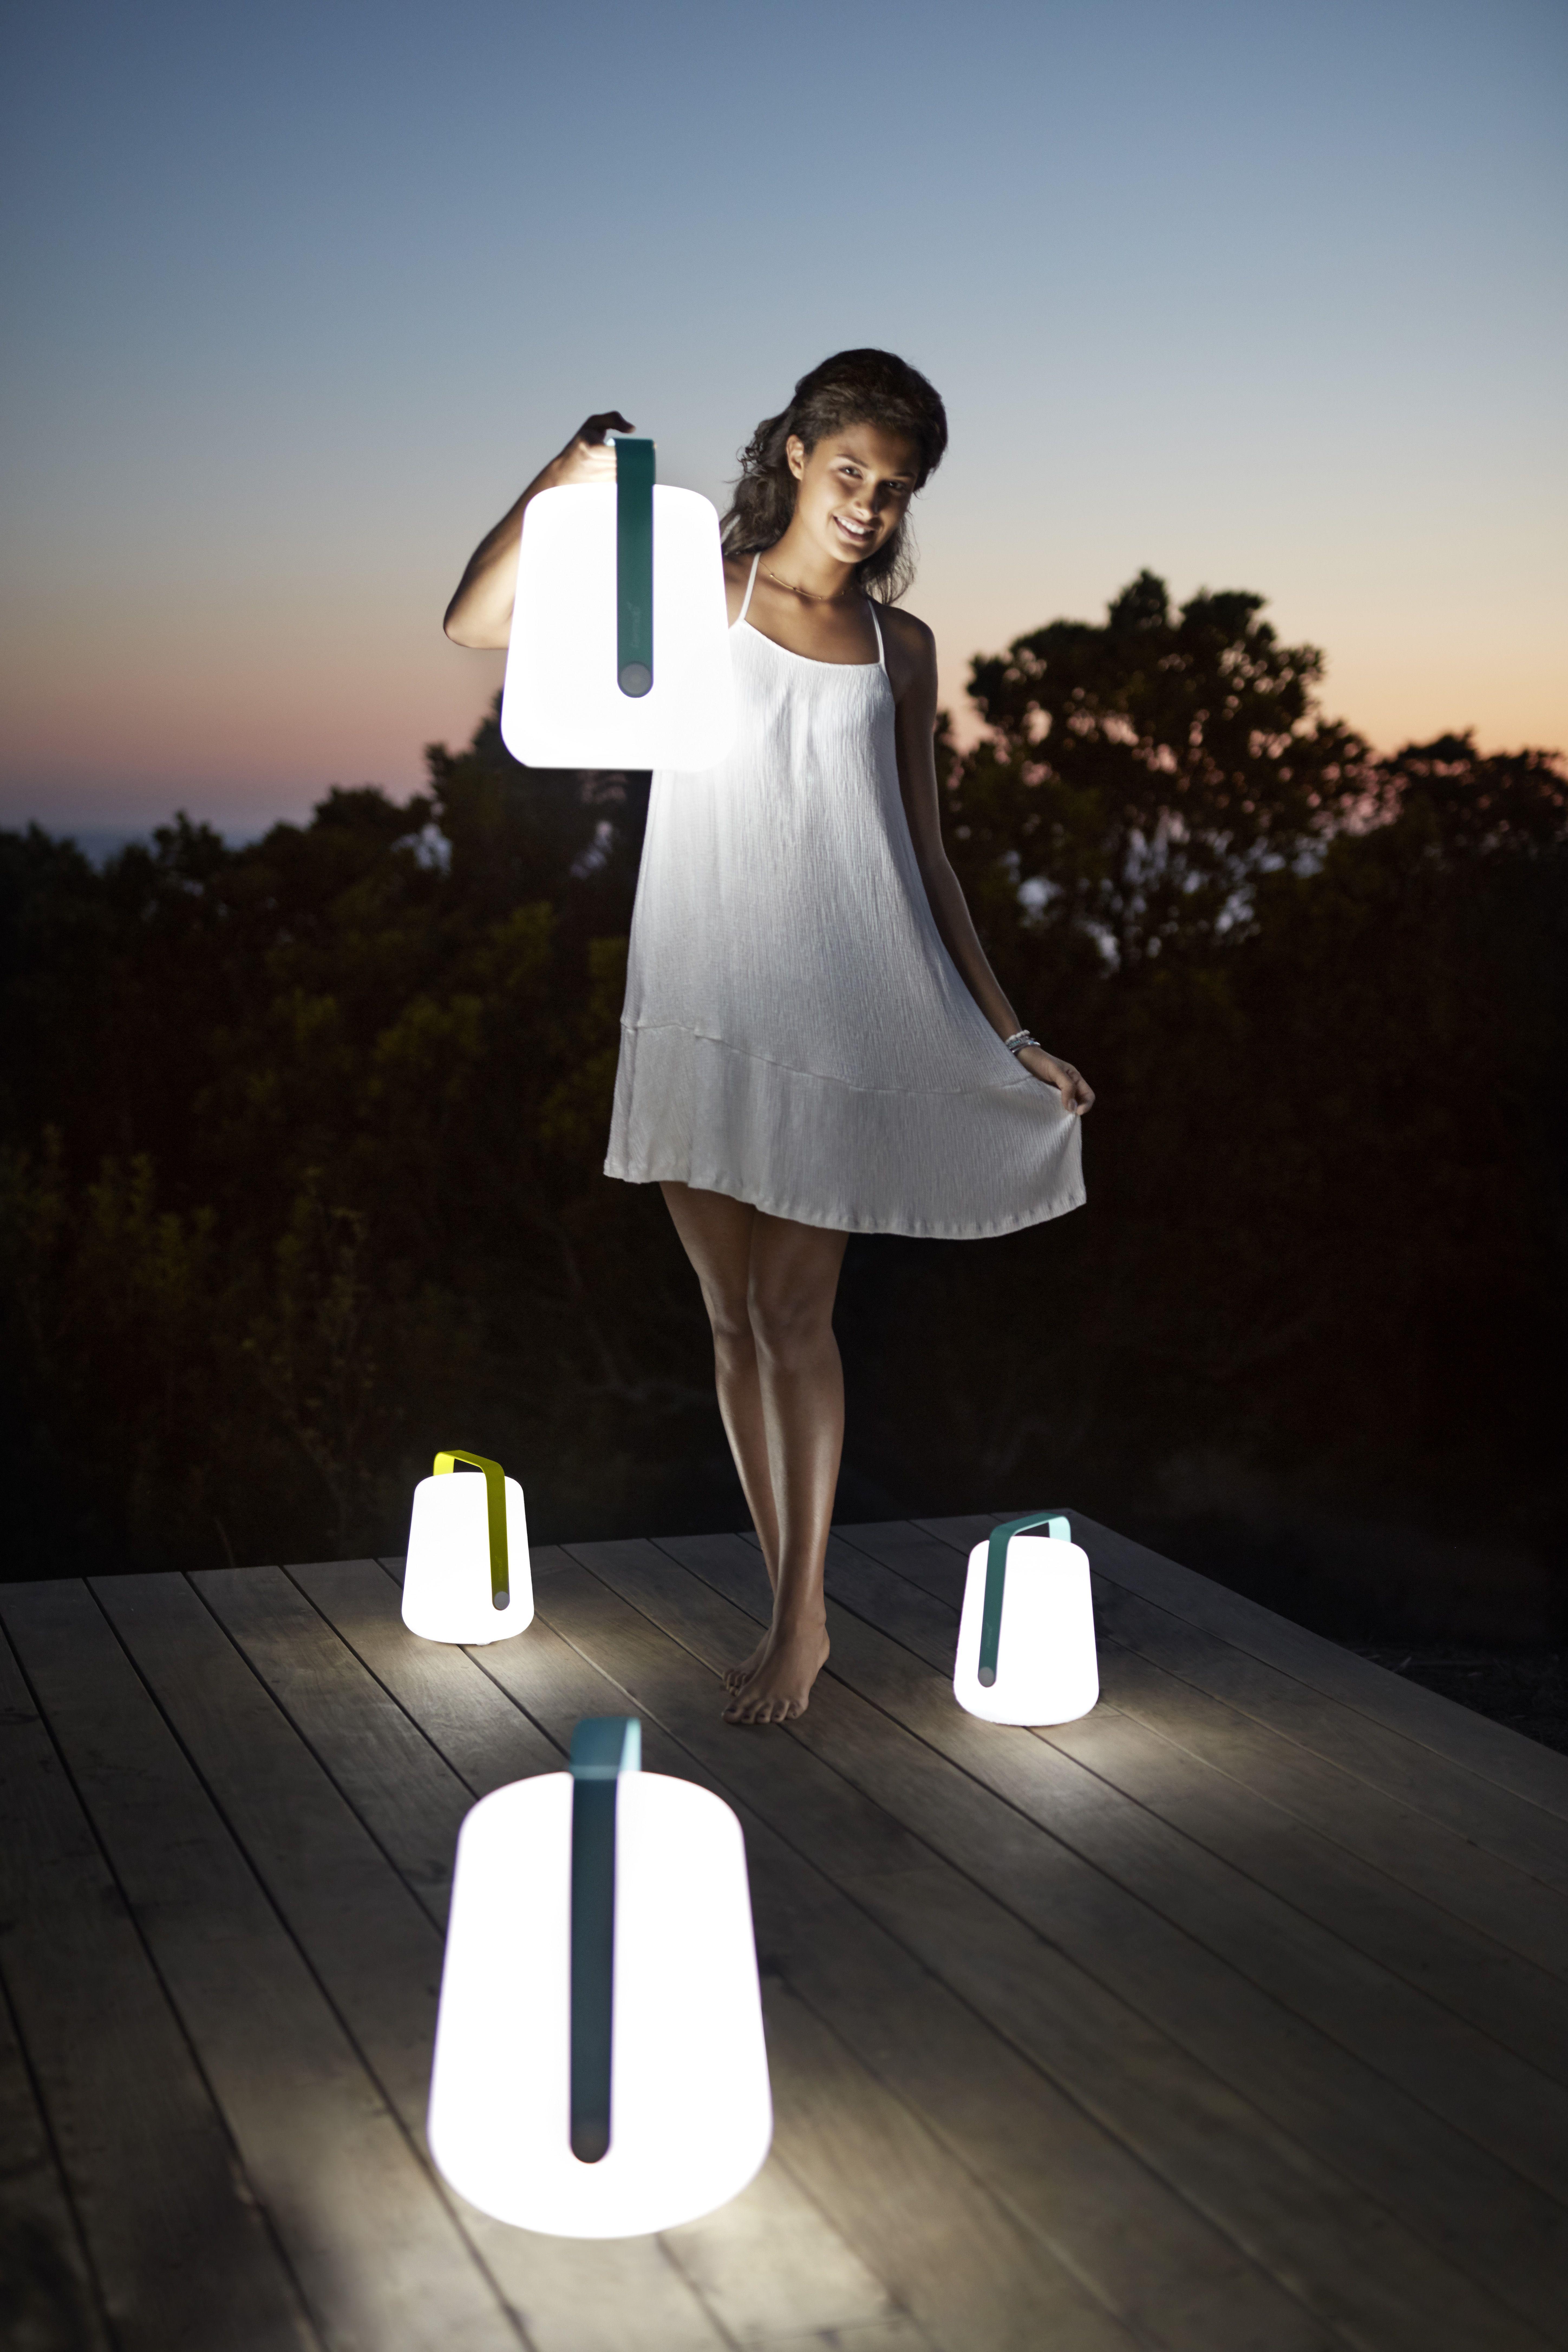 Fermob Fait Une Entree Remarquee Dans L Univers Du Luminaire Outdoor